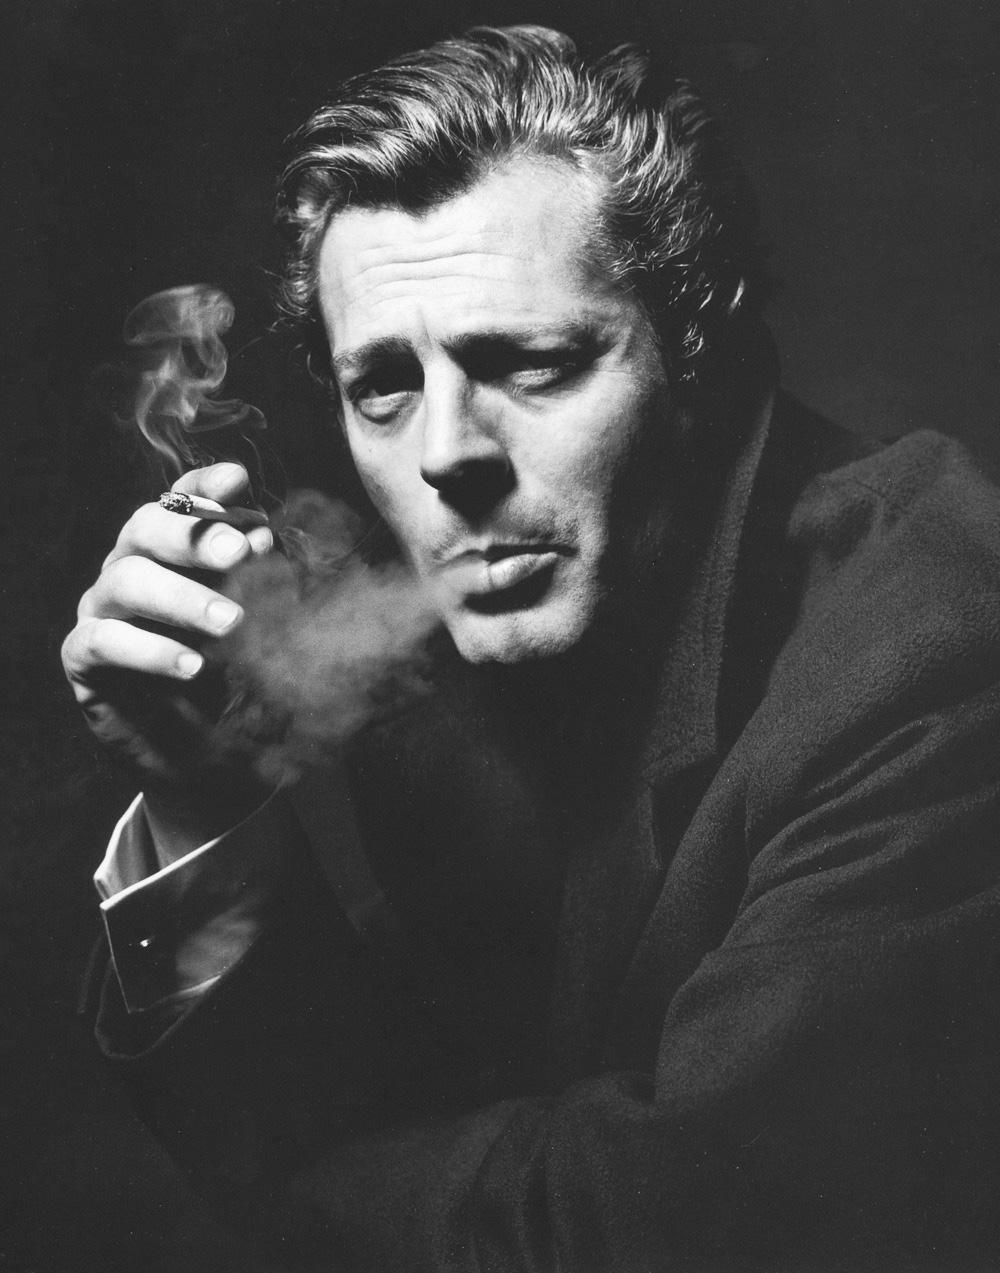 En yetenekli ve çekici İtalyan aktörleri